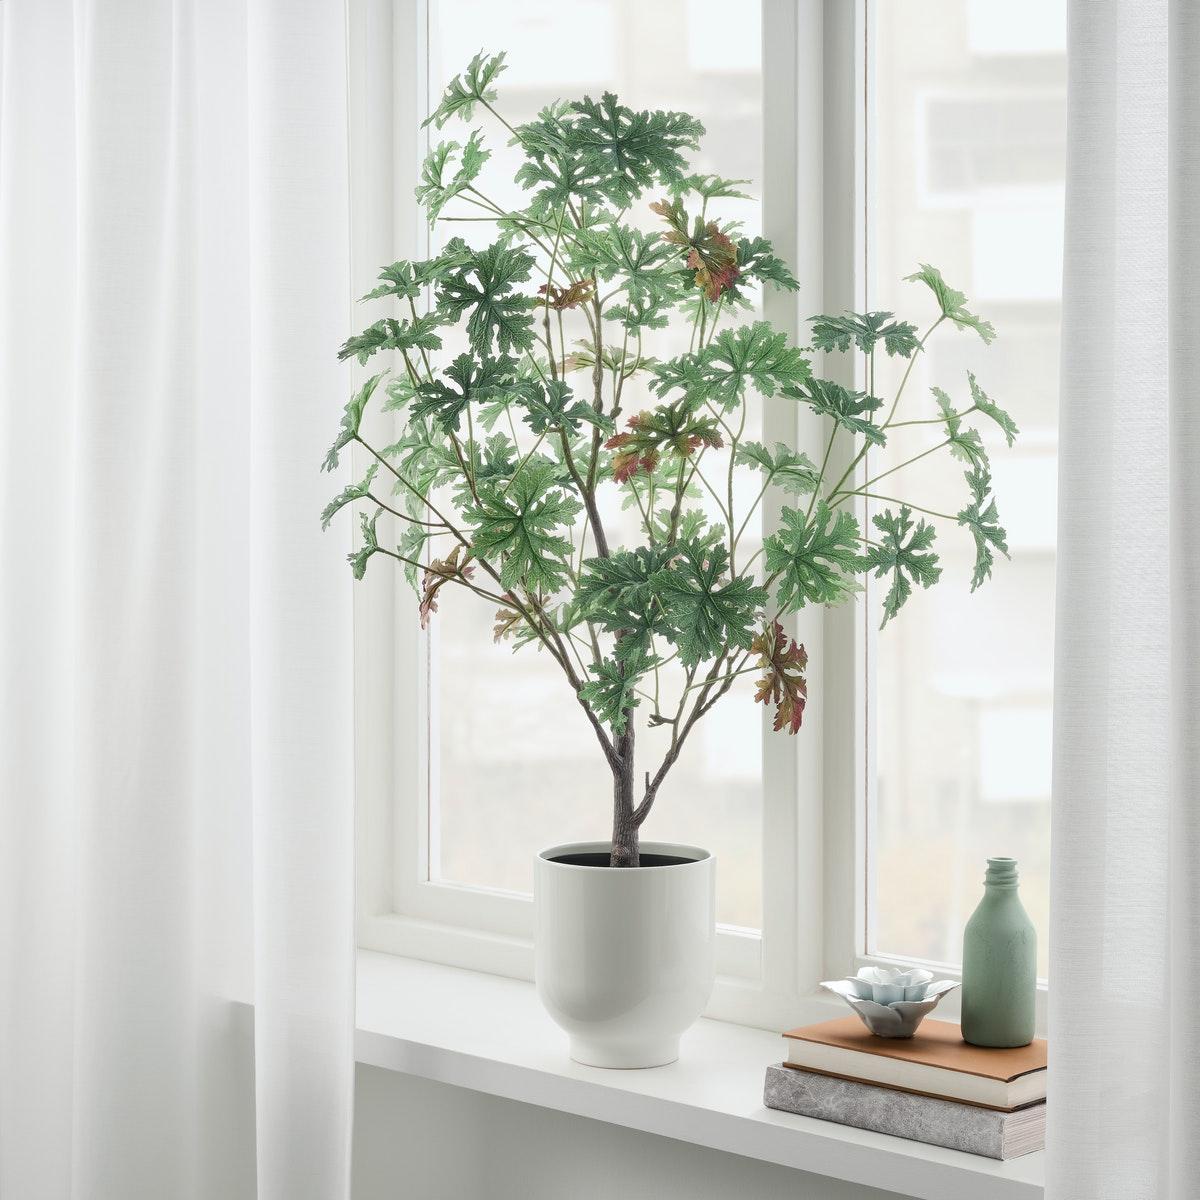 Letakkan jenis tanaman tinggi di ruang tamu mini